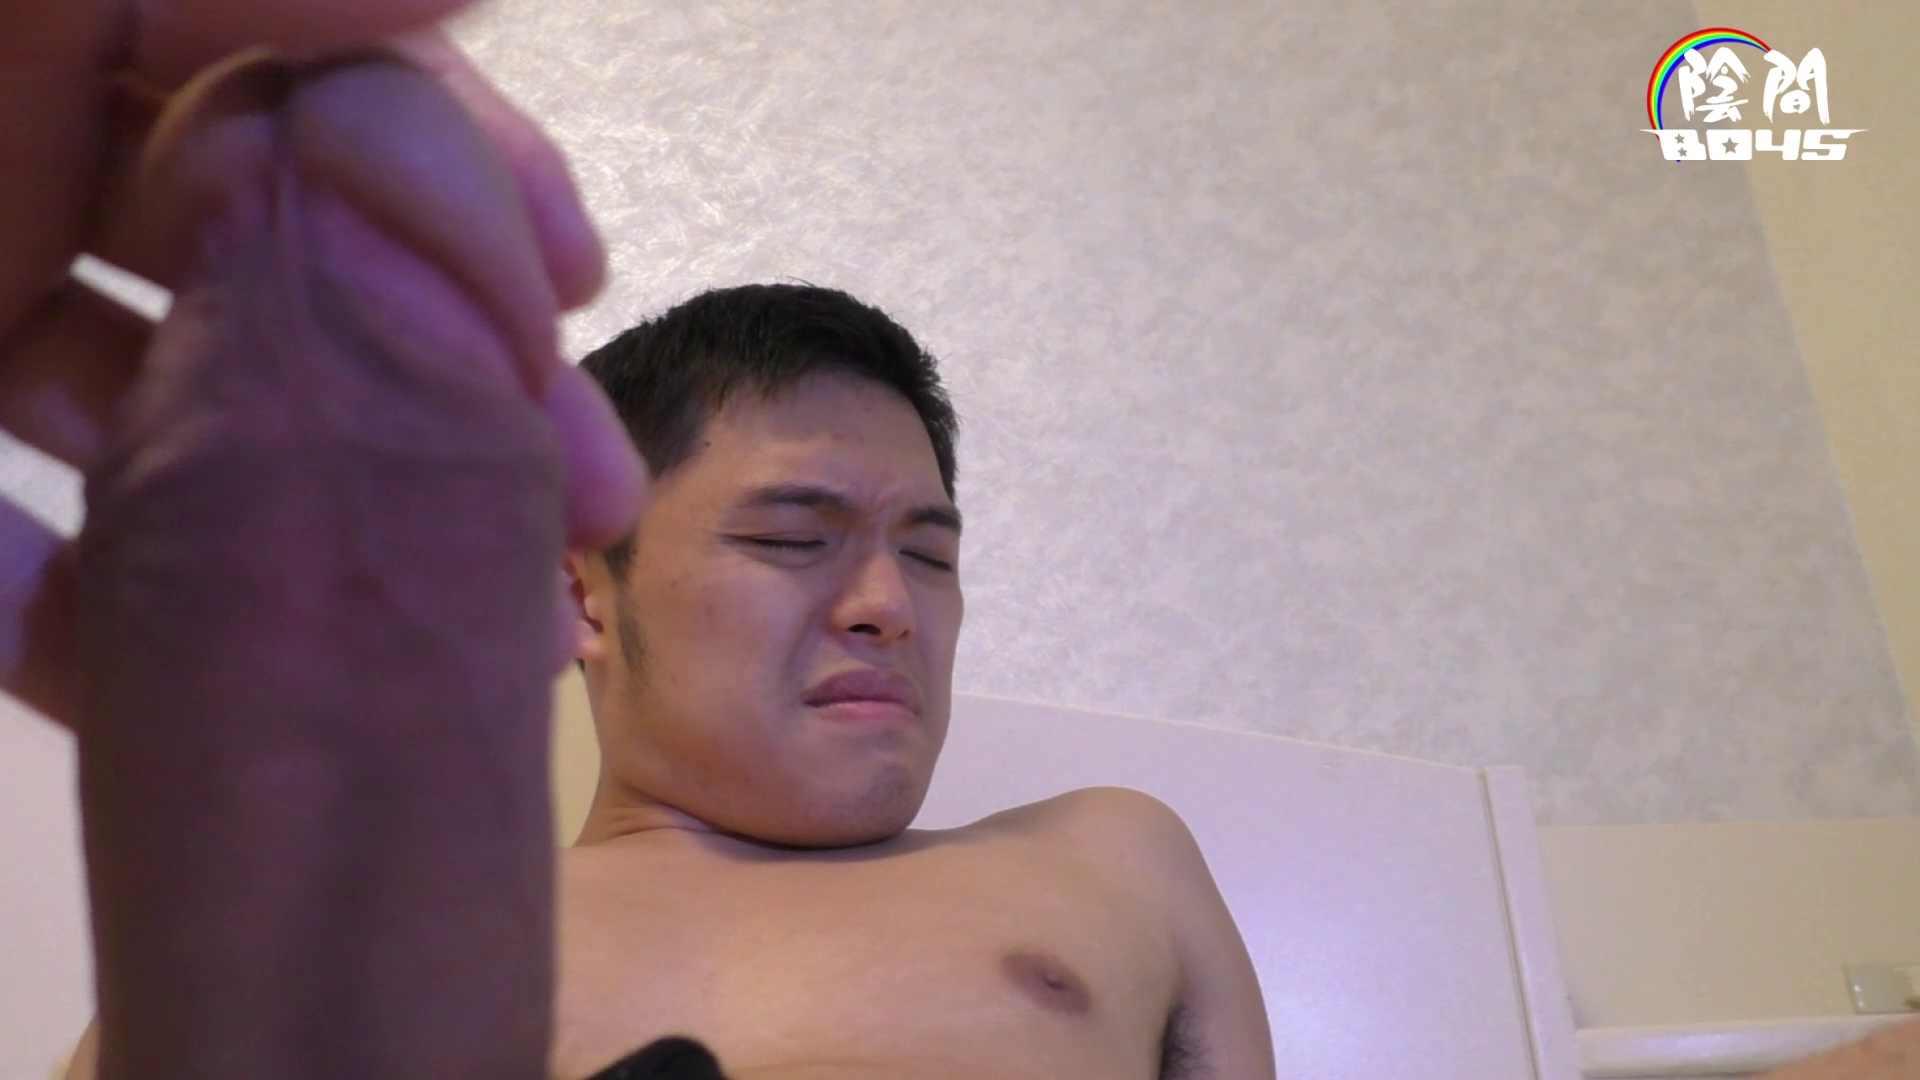 アナルで営業ワン・ツー・ スリーpart2 Vol.2 口内発射特集   オナニー 男同士画像 10連発 10